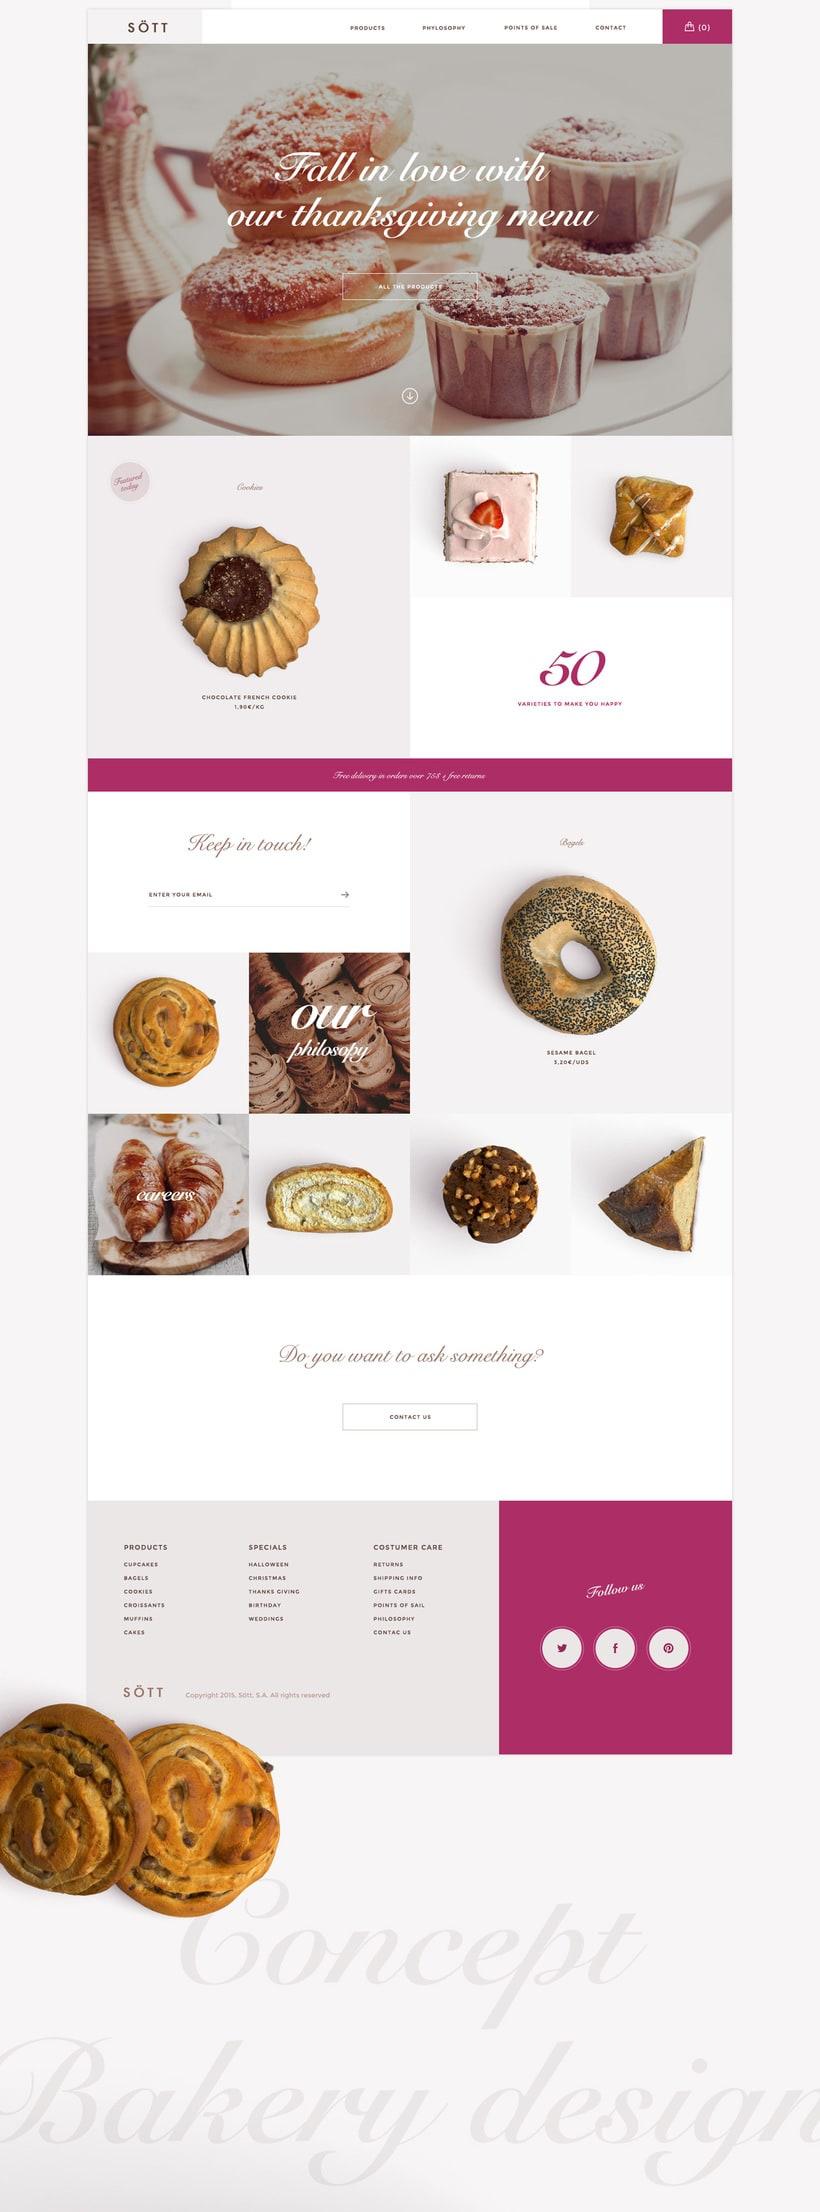 Sött bakery concept 1